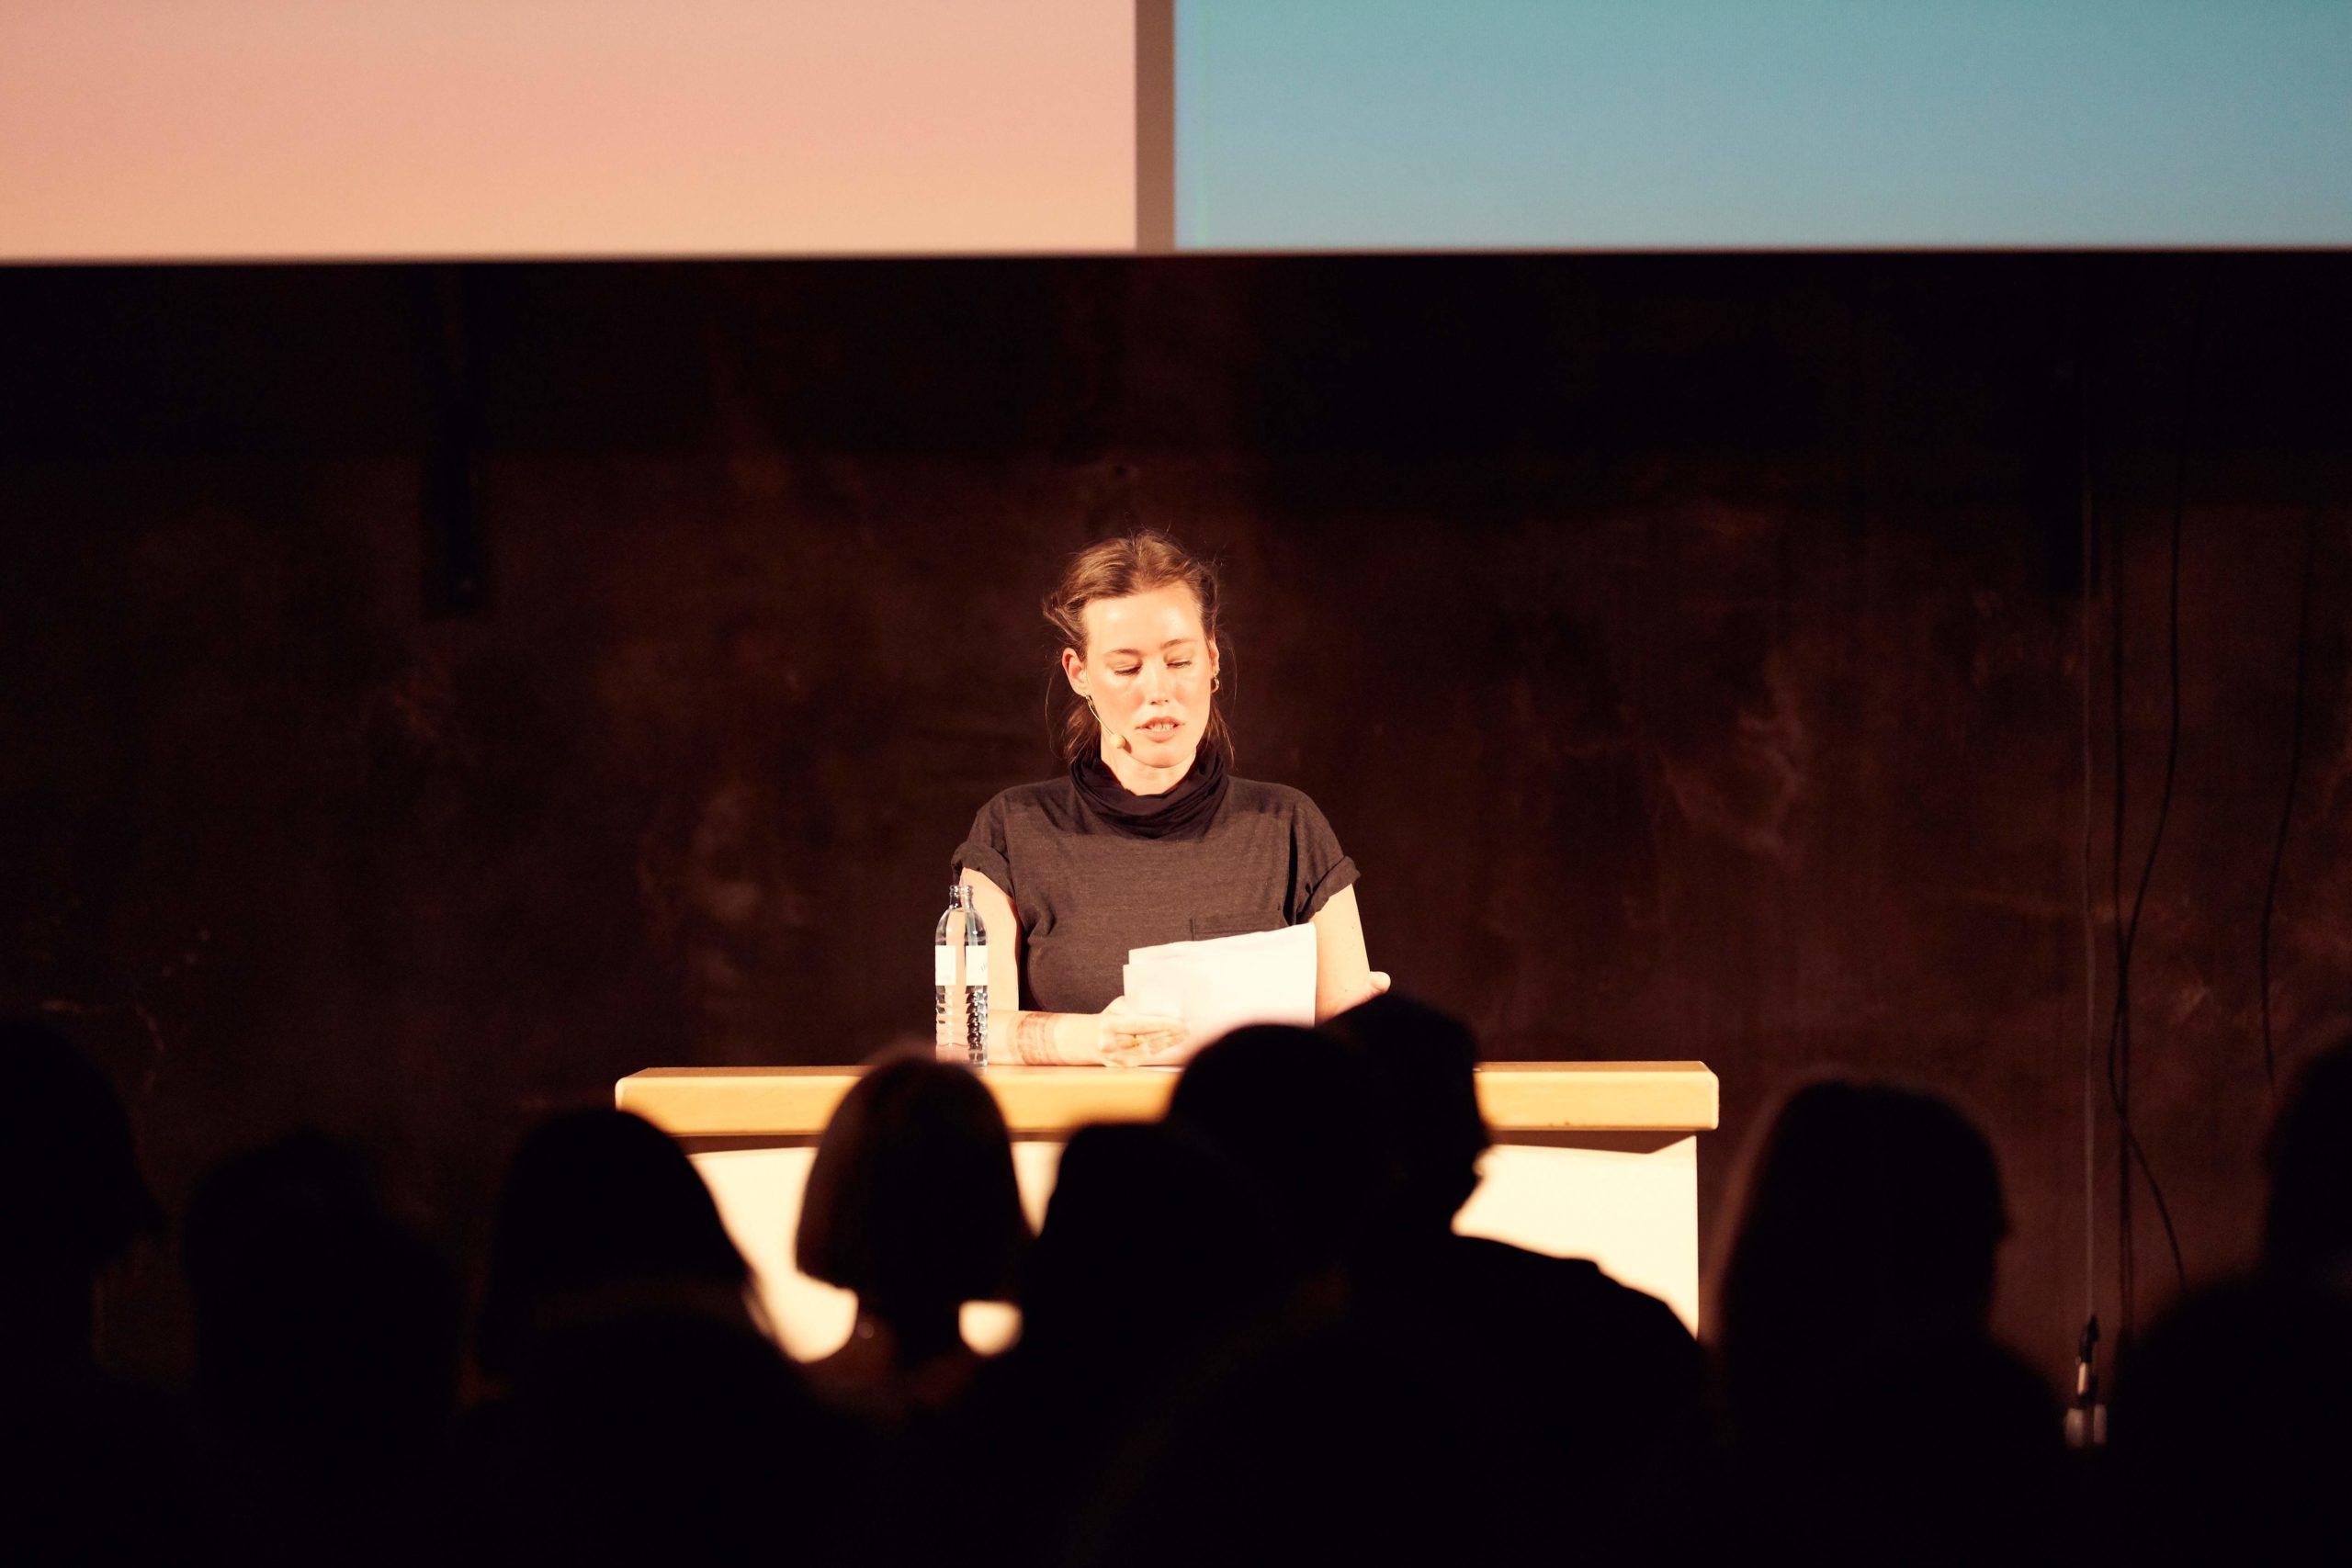 Auf dem Bild sieht man Laura Gehlhaar auf der Bühne während ihrer Keynote-Präsentation.